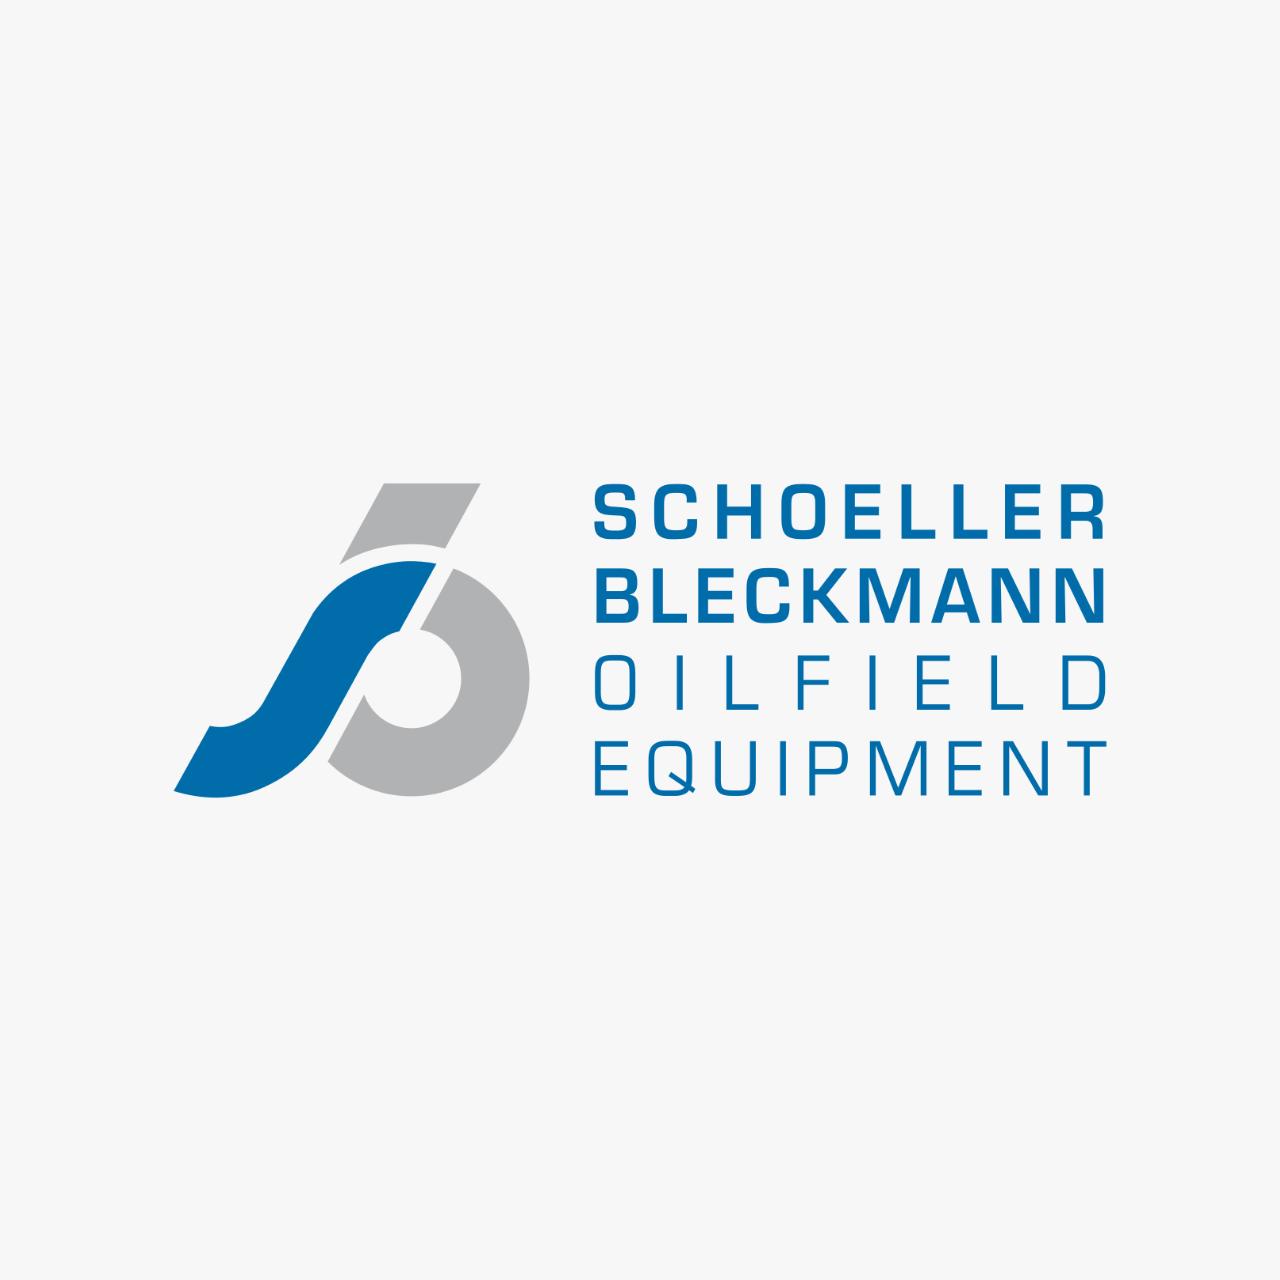 Schoeller Bleckmann Oilfield Equipment